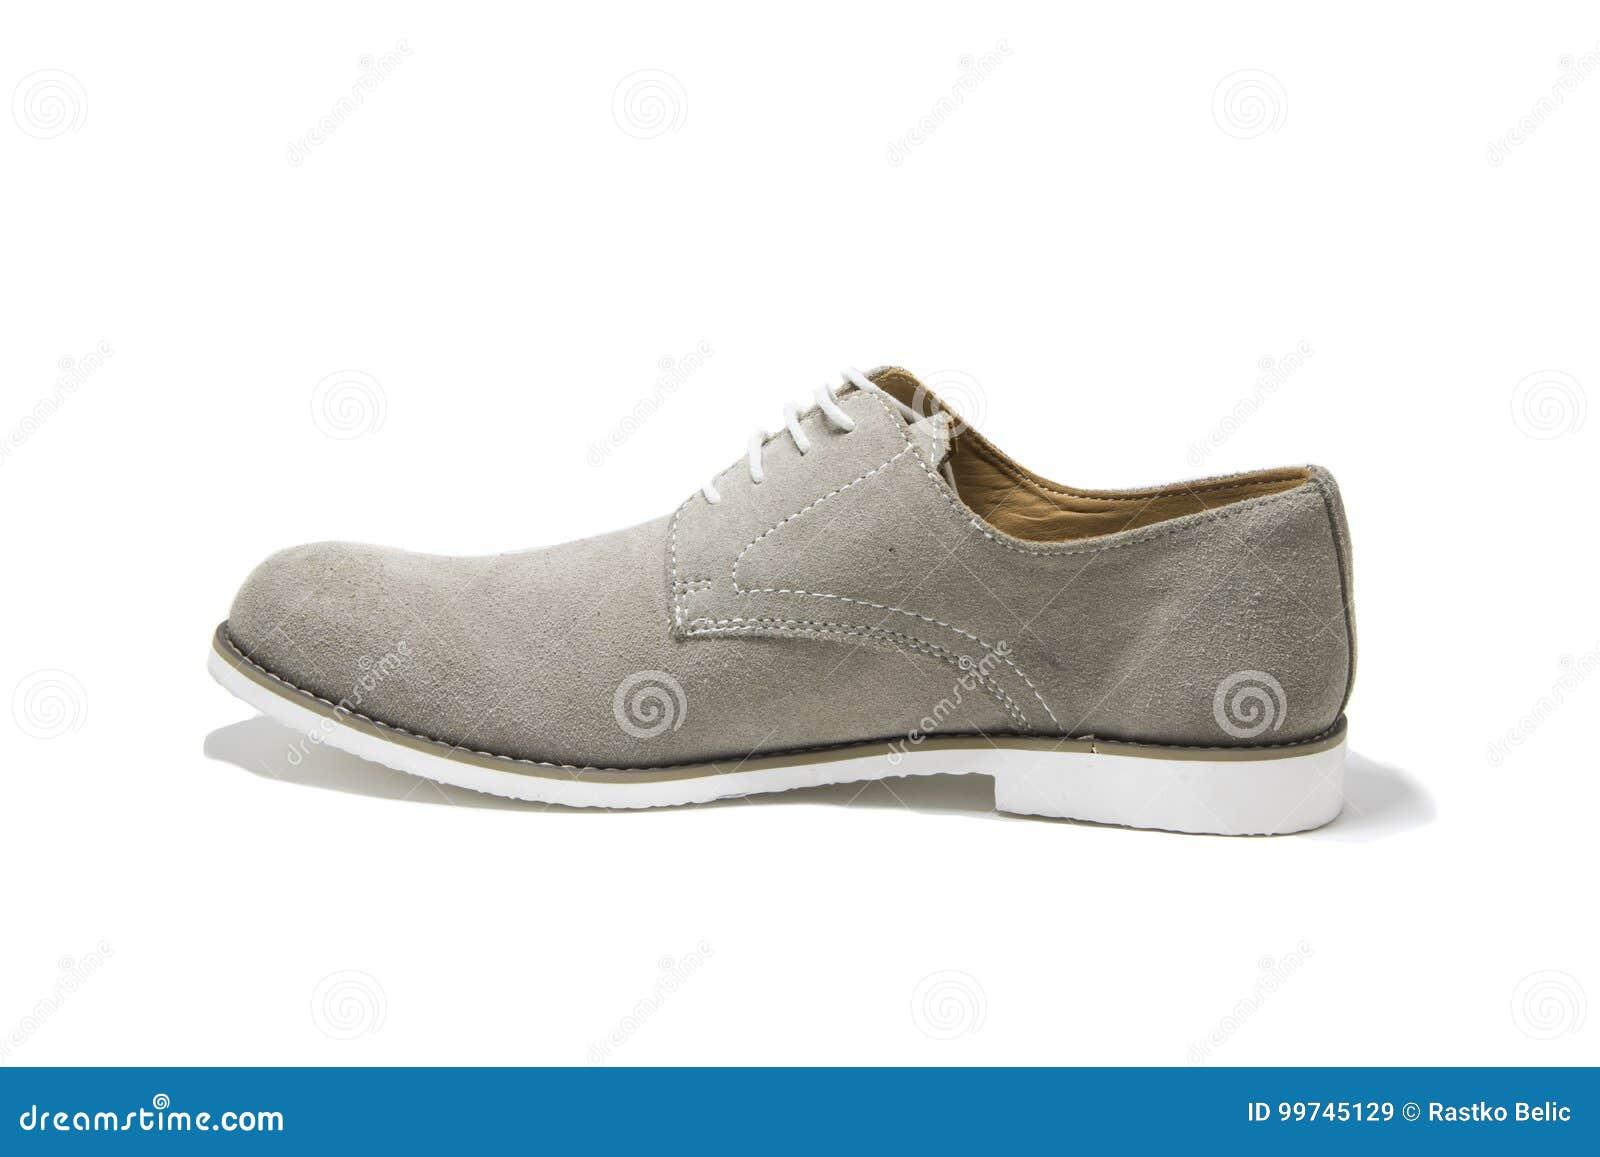 4c19ae3a0a Zapatos Grises De Los Hombres Elegantes Aislados En El Fondo Blanco ...